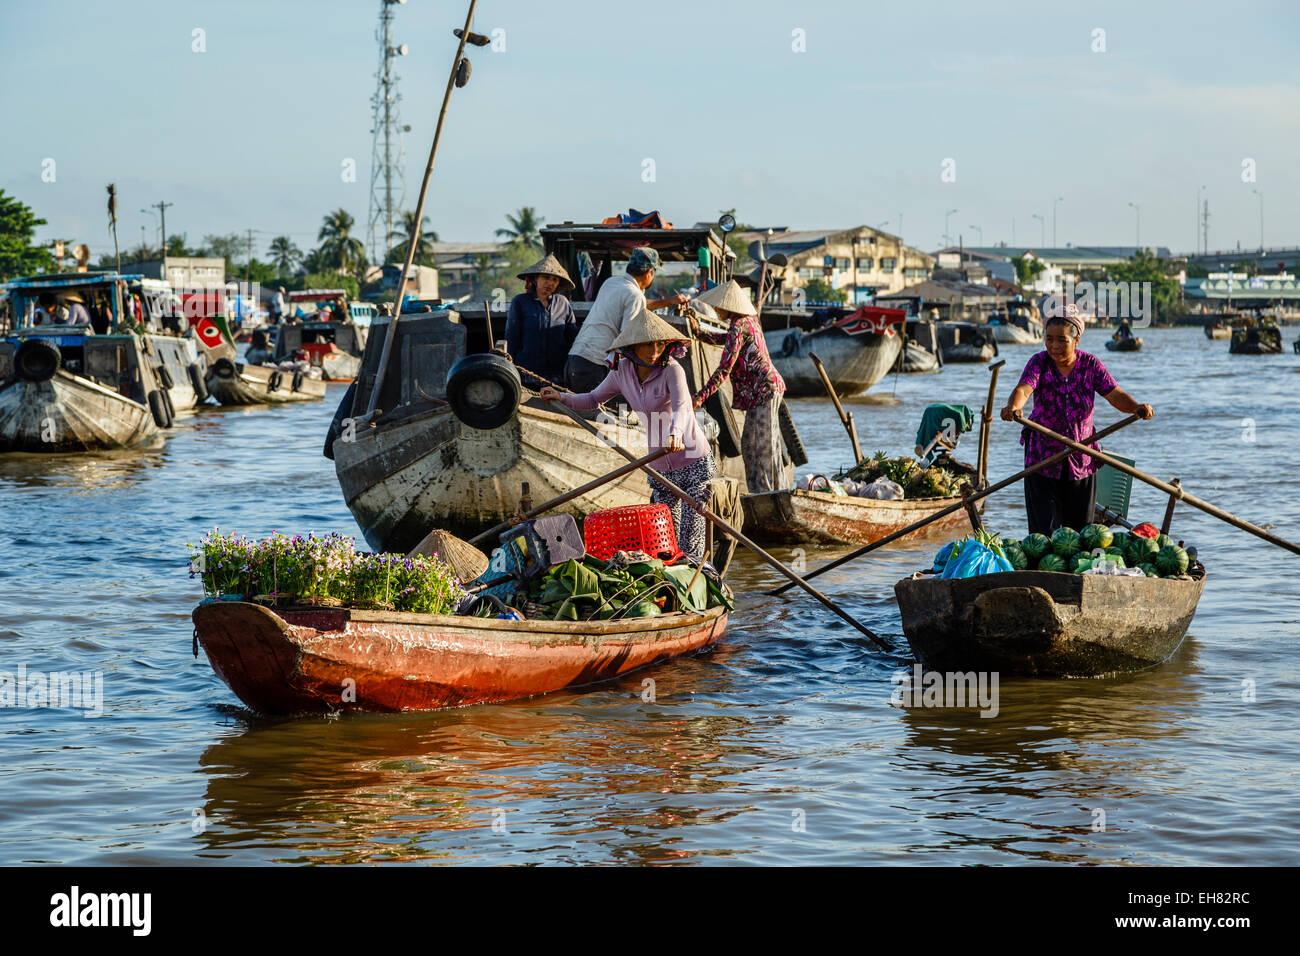 Cai Rang schwimmende Markt auf dem Mekong-Delta, Can Tho, Vietnam, Indochina, Südostasien, Asien Stockbild